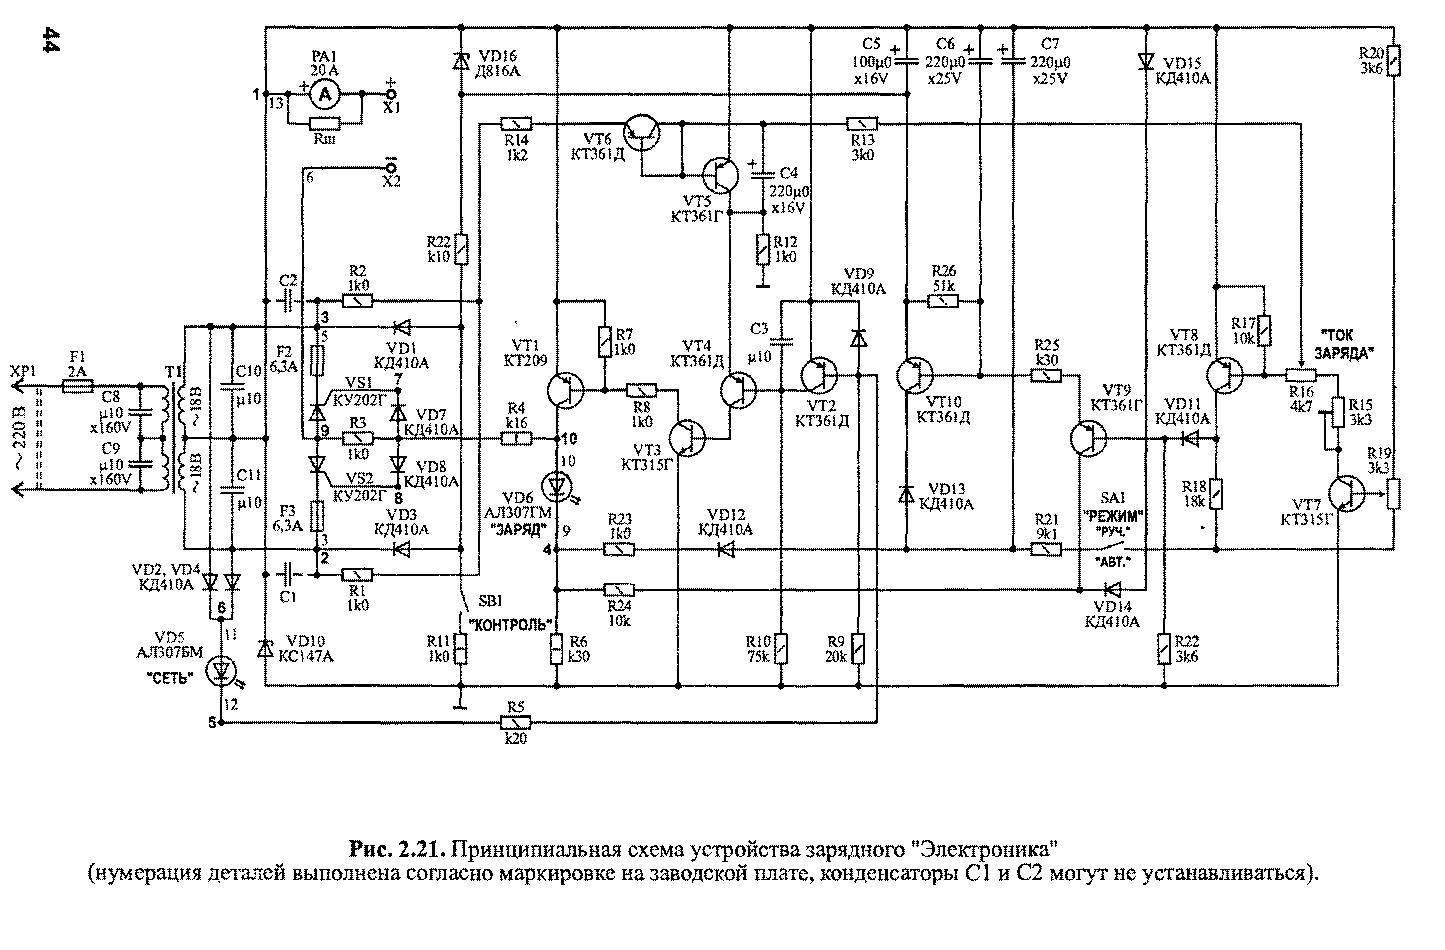 схема усилителя радиотехника у 7101 для печати